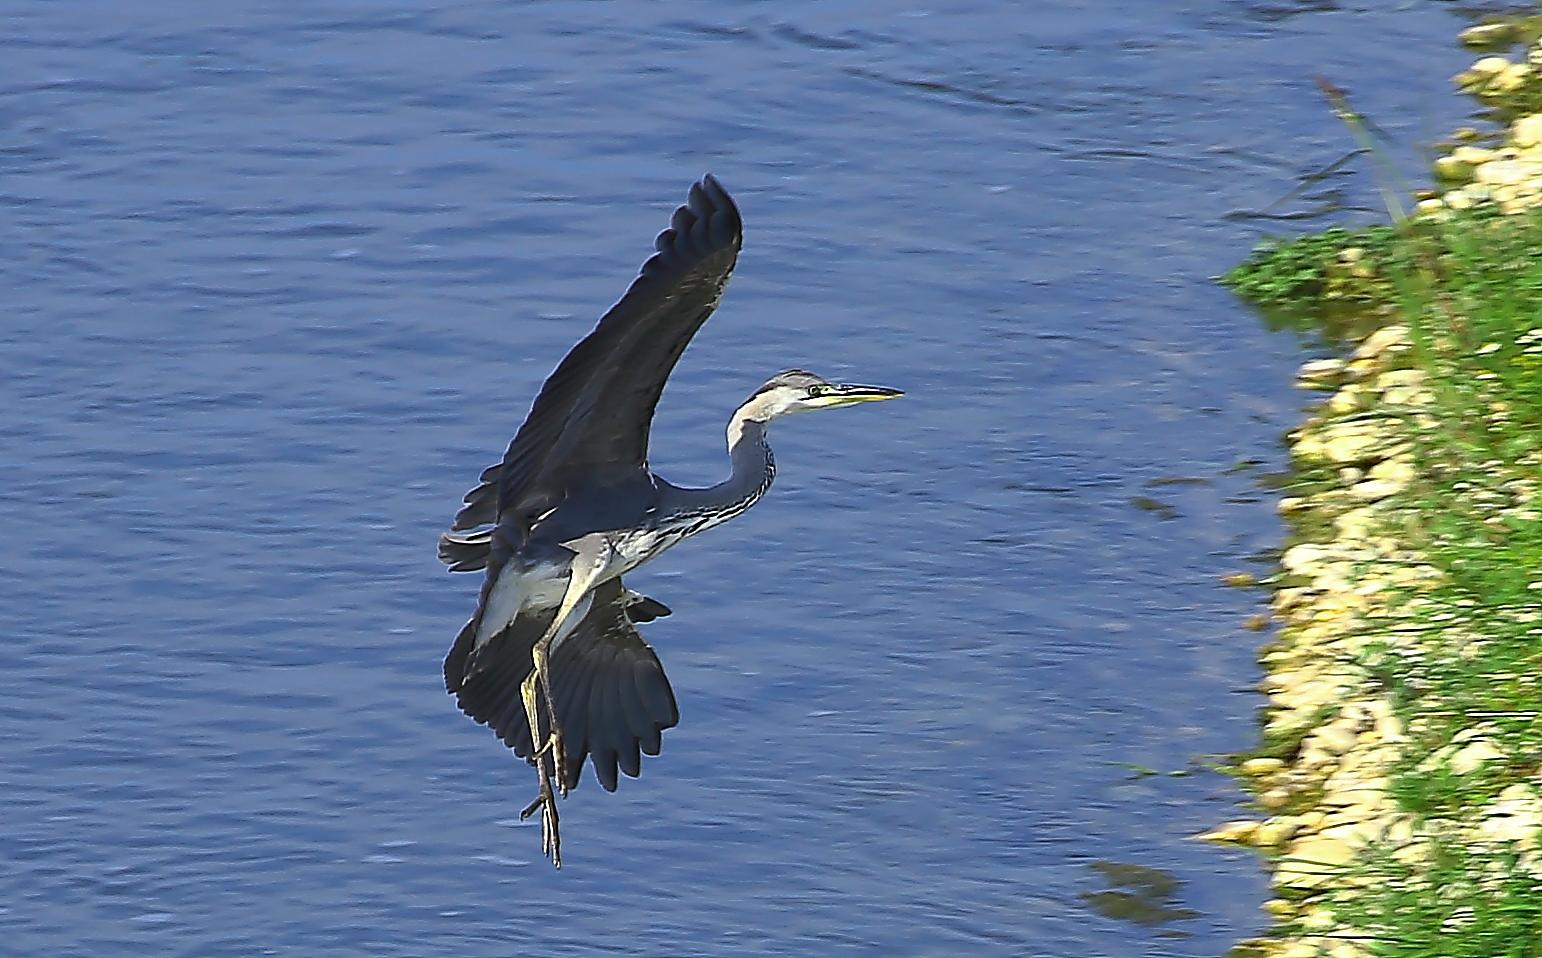 heron landing maneuver in...